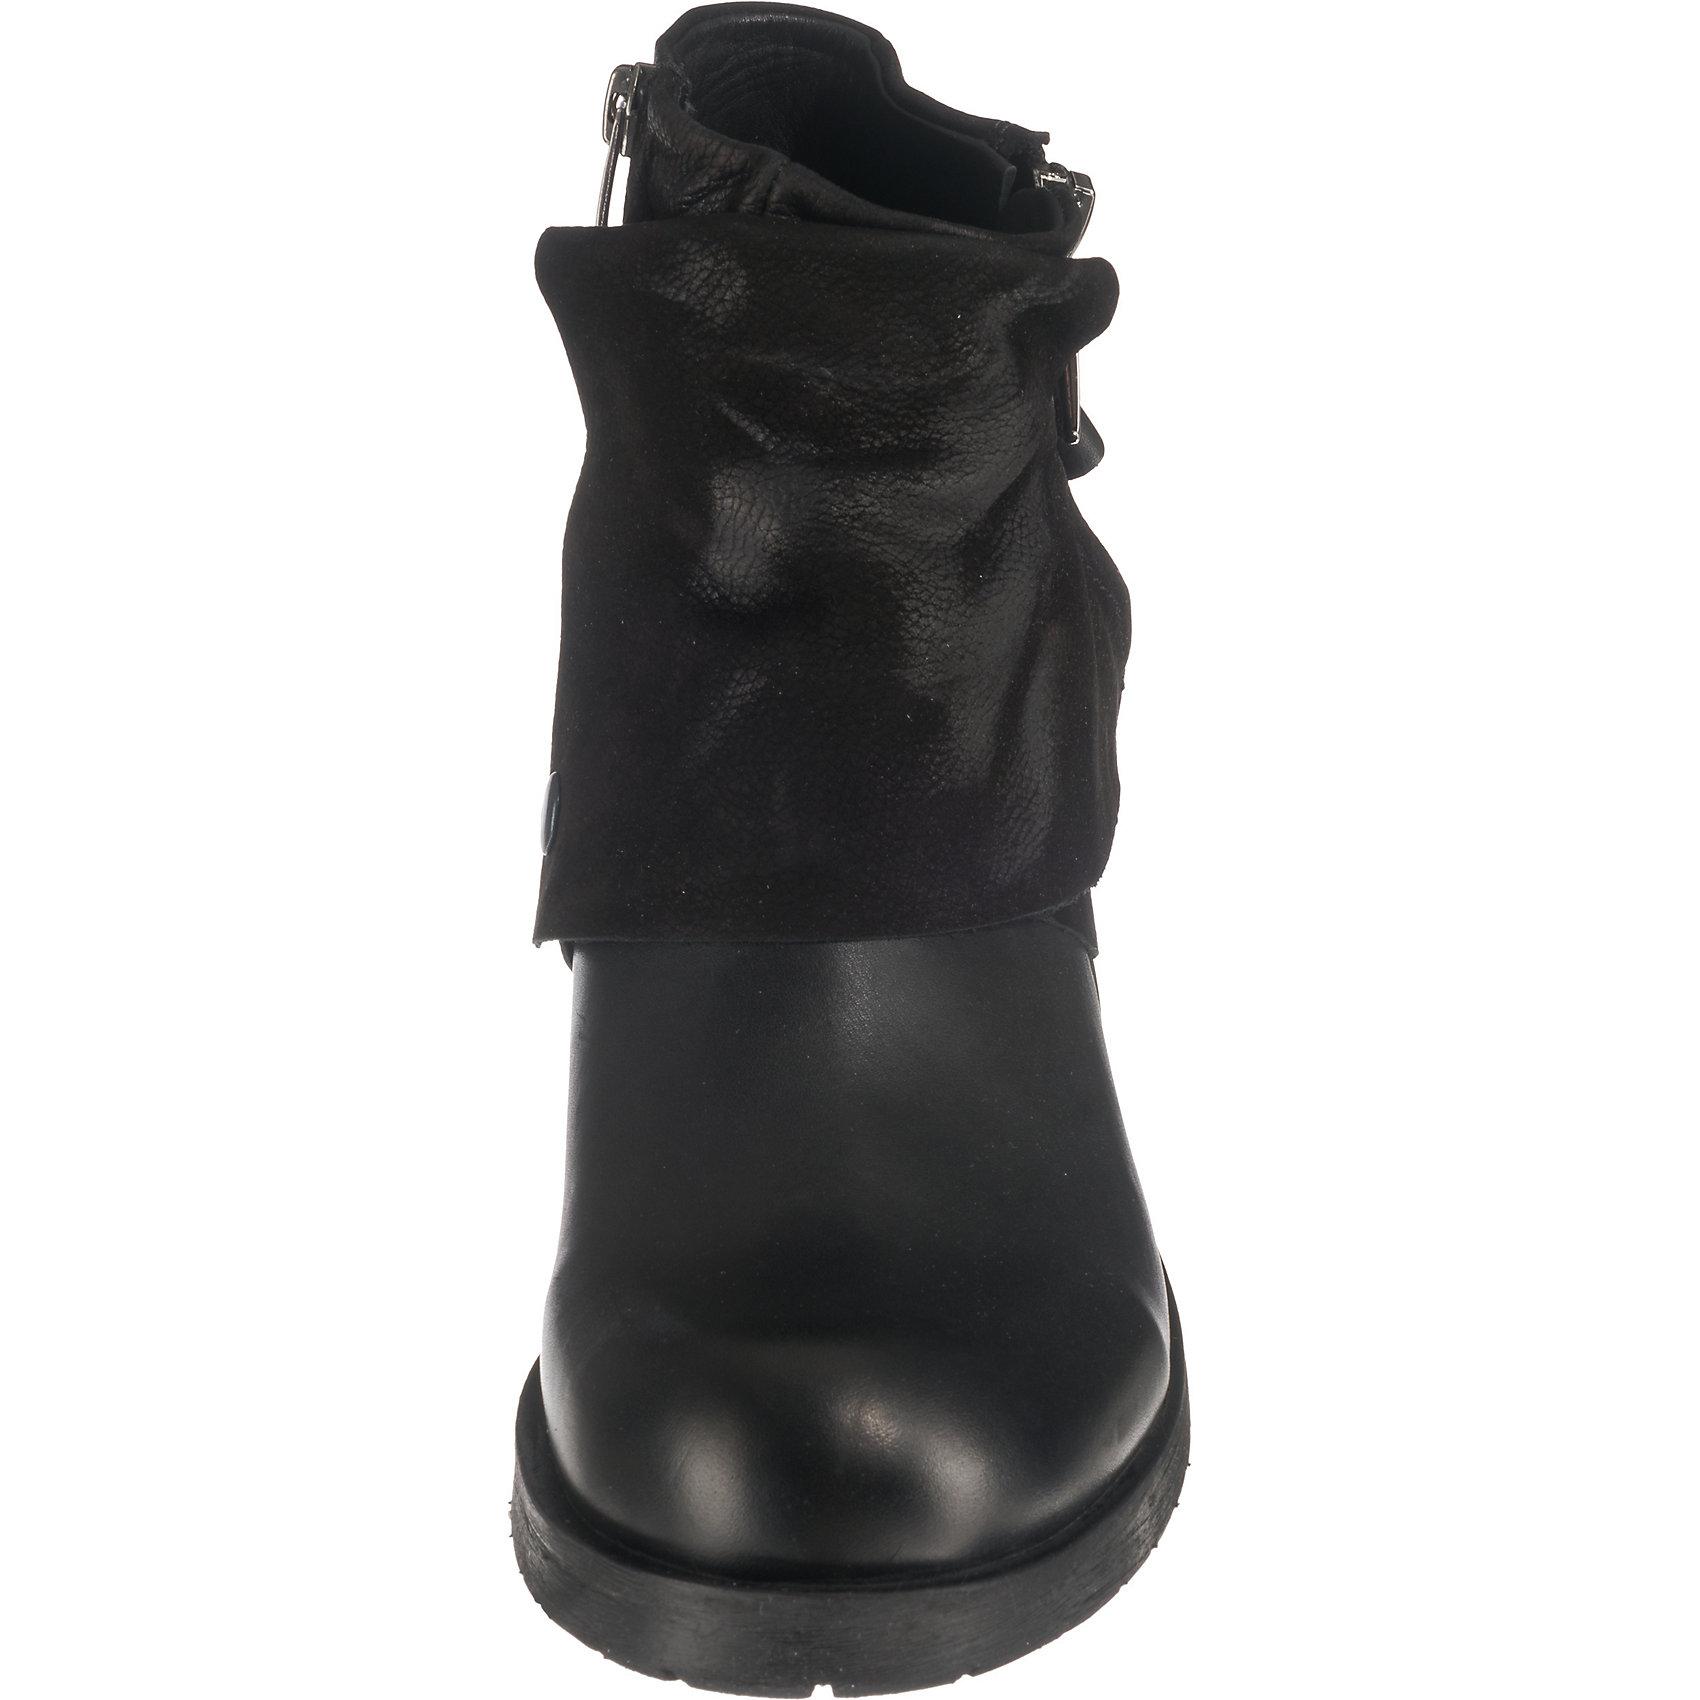 Neu JOLANA Klassische & FENENA Klassische JOLANA Stiefeletten 8733144 für Damen schwarz e42876